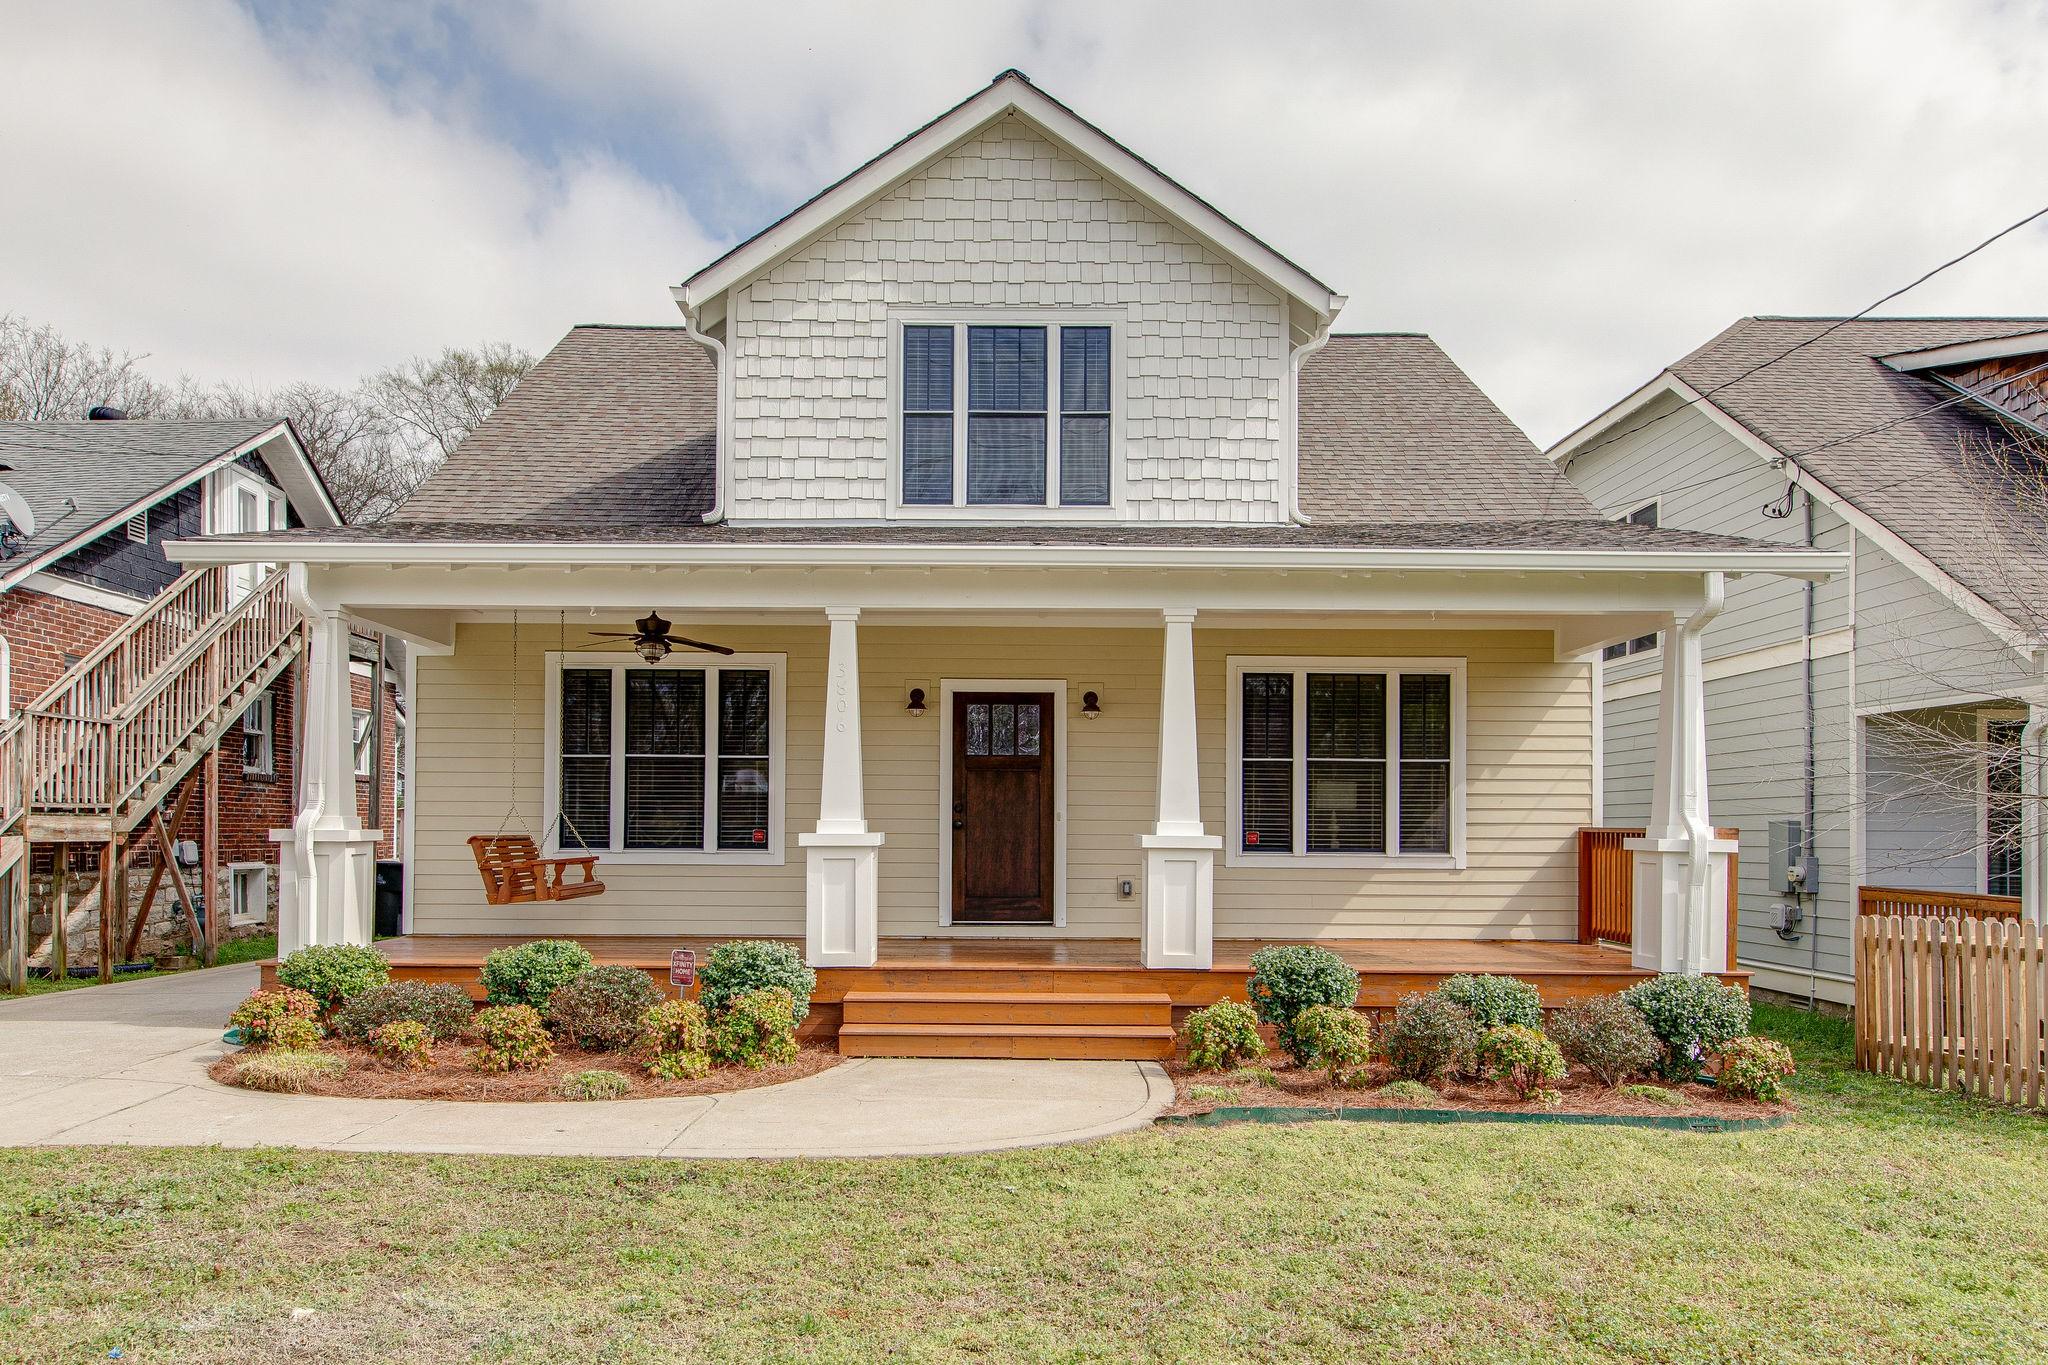 3806 Baxter Ave, Nashville, TN 37216 - Nashville, TN real estate listing